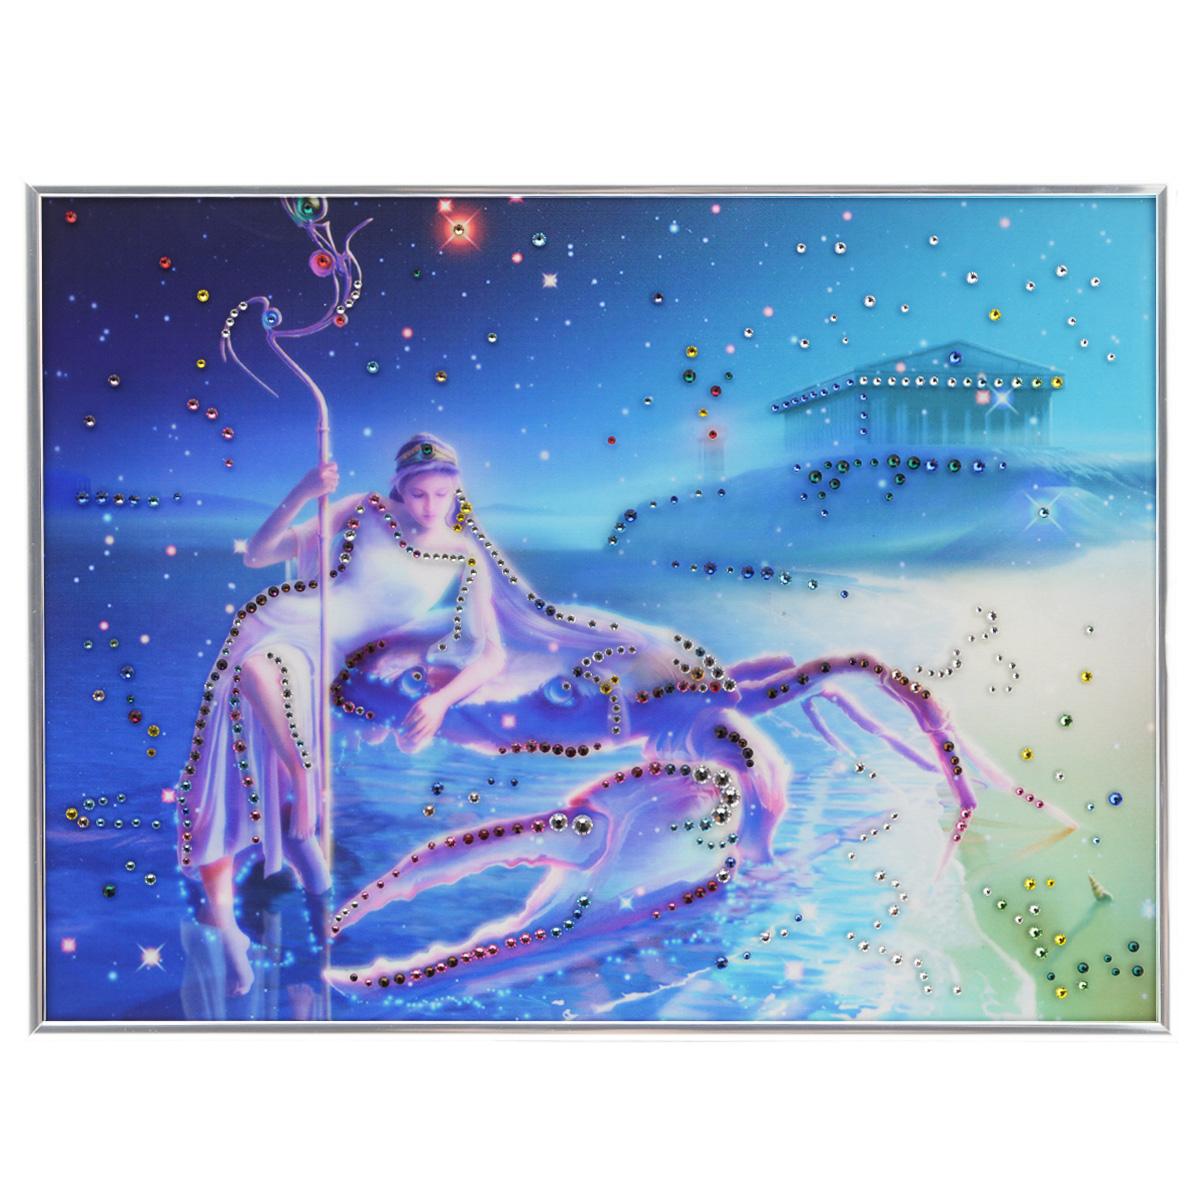 Картина с кристаллами Swarovski Знак зодиака. Рак Кагая, 40 х 30 см1146Изящная картина в металлической раме, инкрустирована кристаллами Swarovski, которые отличаются четкой и ровной огранкой, ярким блеском и чистотой цвета. Красочное изображение знака зодиака - рак Кагая, расположенное под стеклом, прекрасно дополняет блеск кристаллов. С обратной стороны имеется металлическая петелька для размещения картины на стене. Картина с кристаллами Swarovski Знак зодиака. Рак Кагая элегантно украсит интерьер дома или офиса, а также станет прекрасным подарком, который обязательно понравится получателю. Блеск кристаллов в интерьере, что может быть сказочнее и удивительнее. Картина упакована в подарочную картонную коробку синего цвета и комплектуется сертификатом соответствия Swarovski.